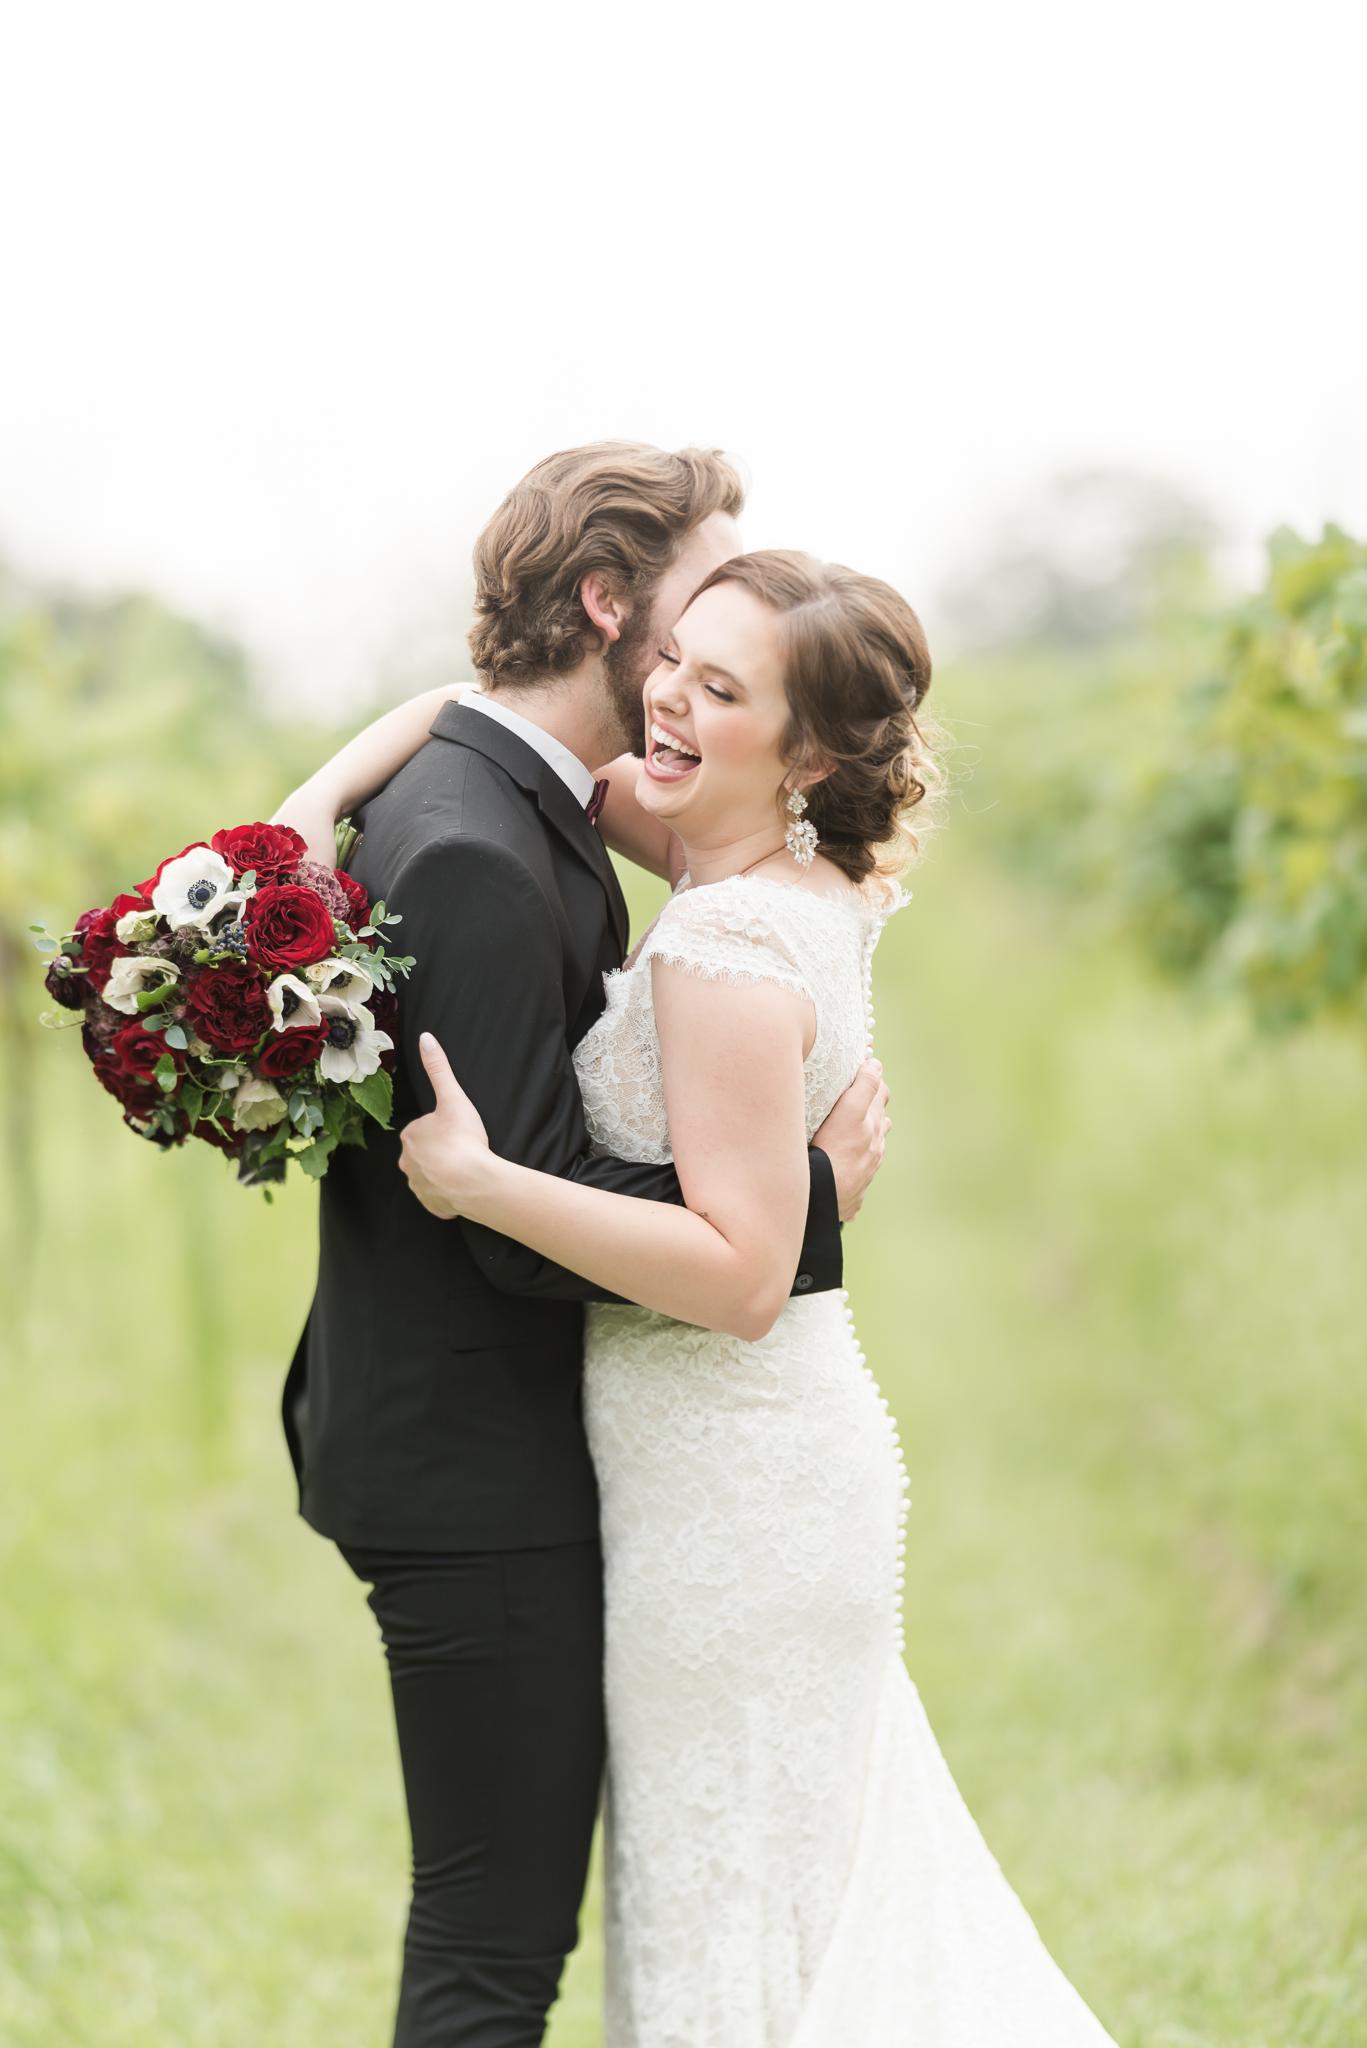 Vineyard Wedding Venues in Indiana